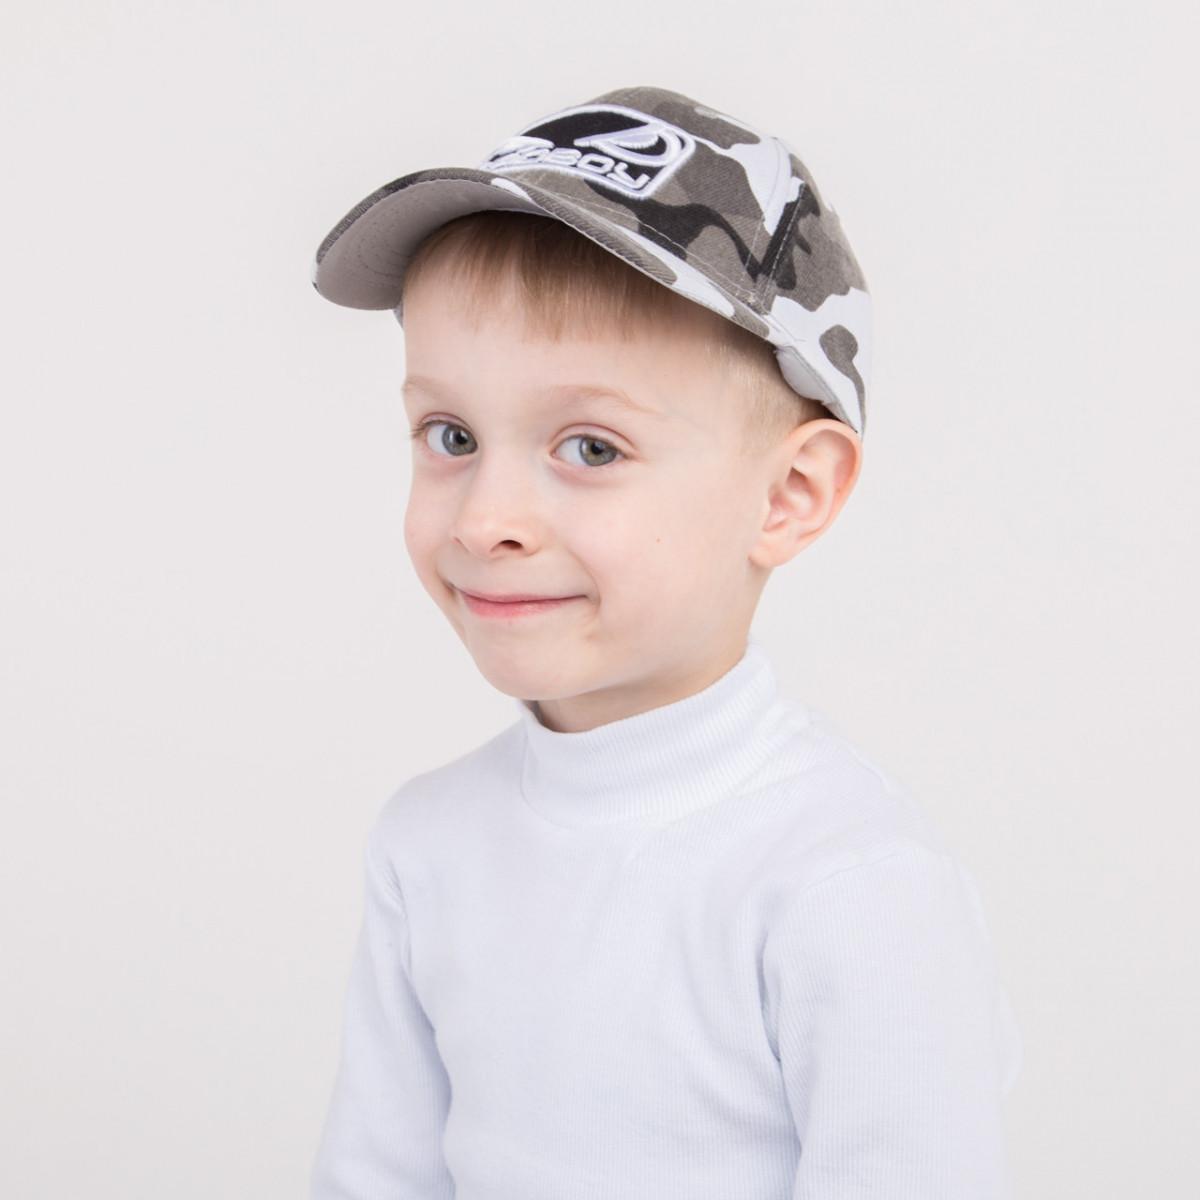 Камуфляжная кепка на весну-лето для мальчика - BadBoy - 82018-35b